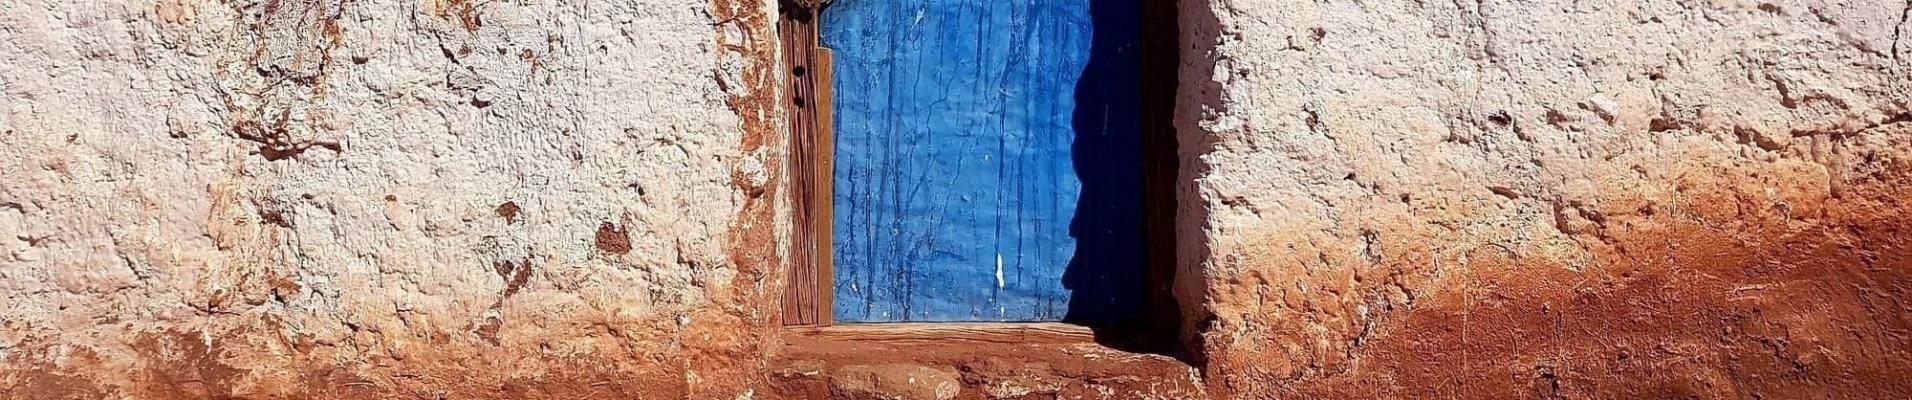 Porte bleue San Pedro de Atacama, Chili. Paiement en ligne voyage en plusieurs fois.